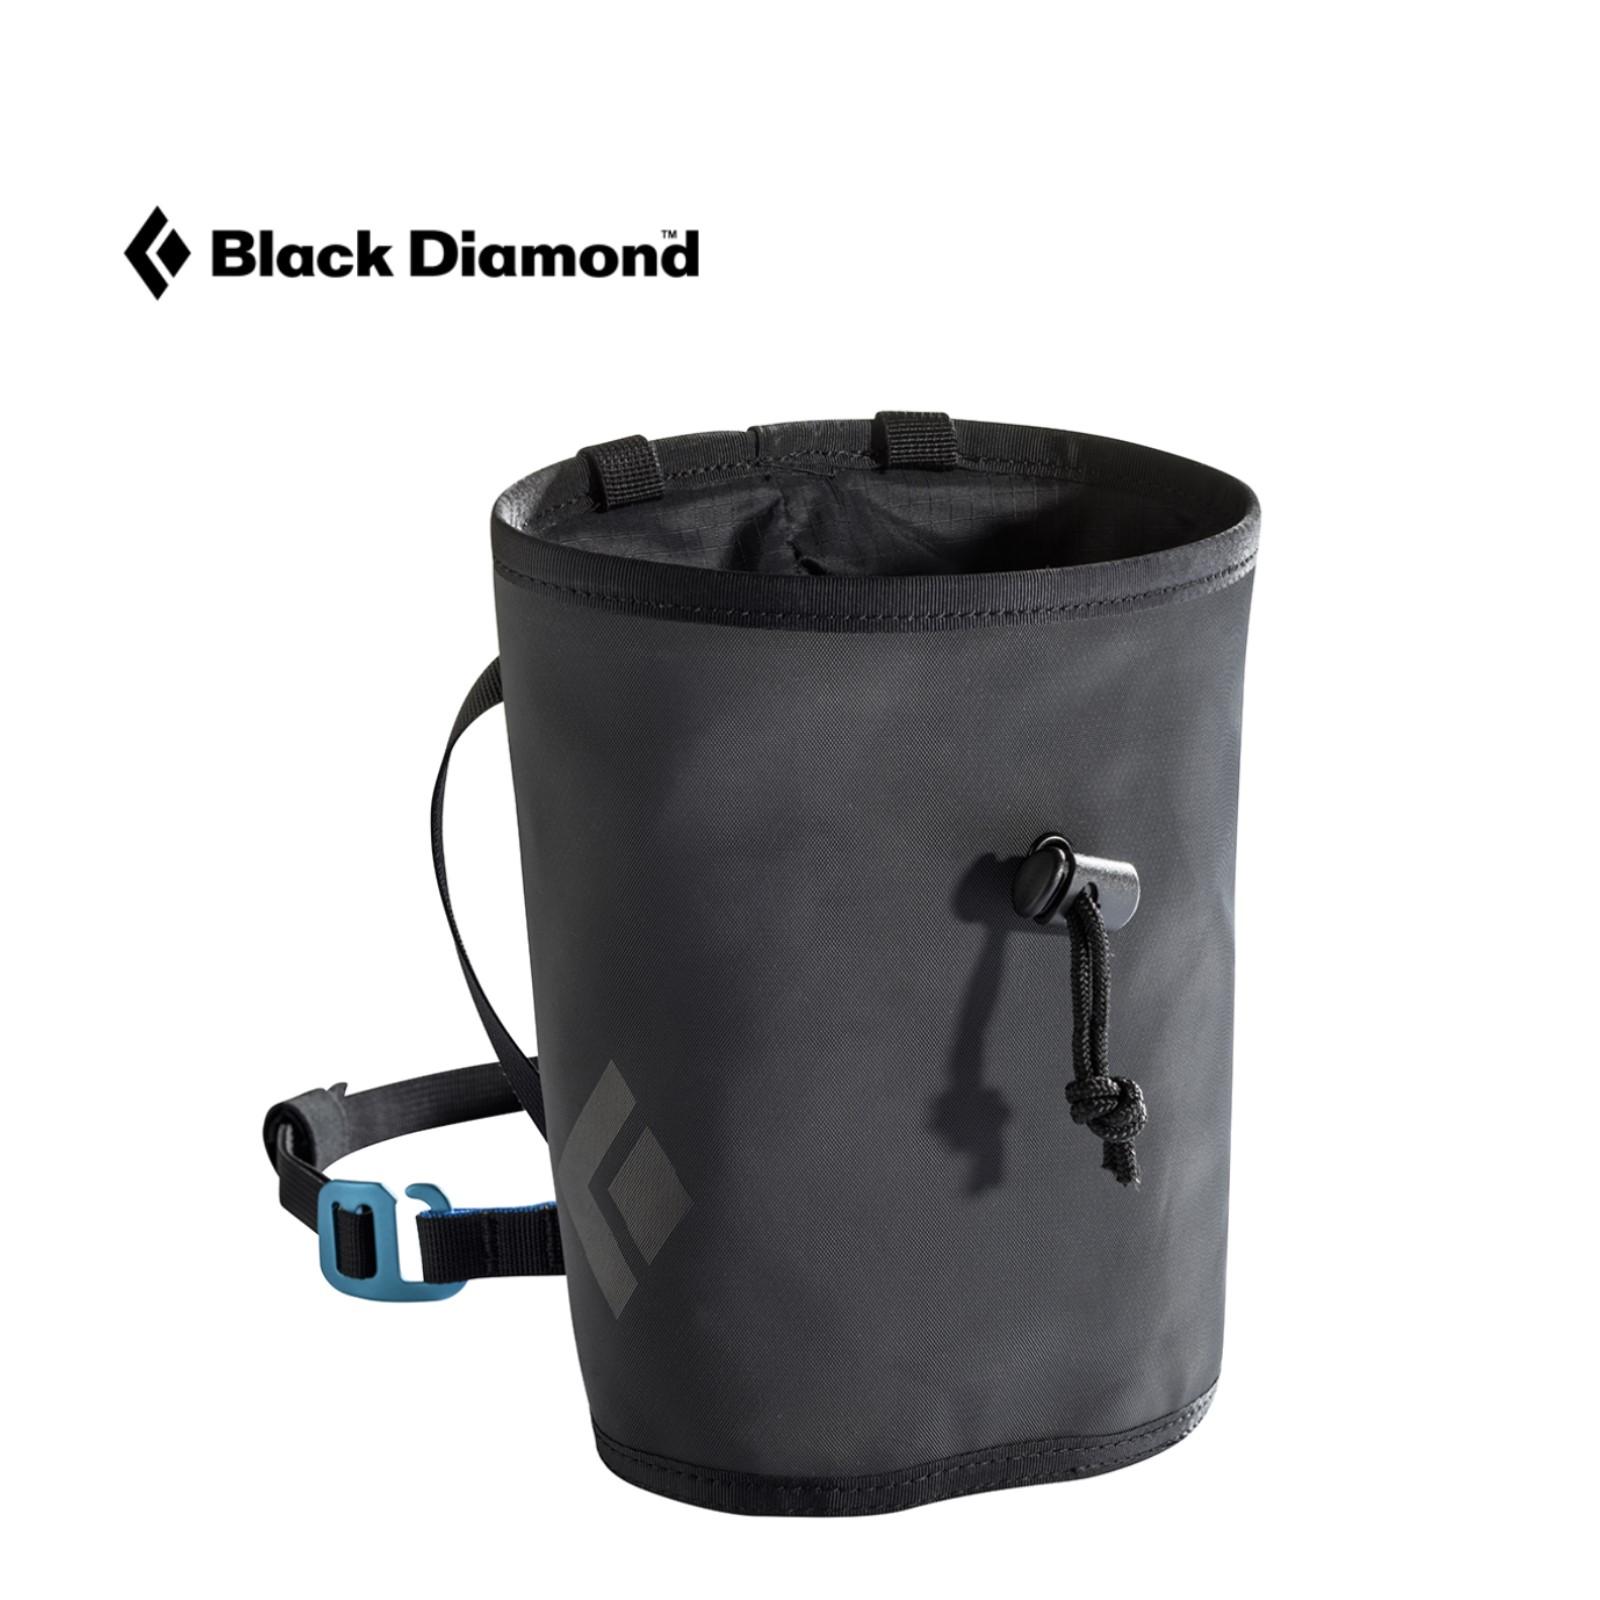 ブラックダイヤモンド クリークチョークバッグ ブラック